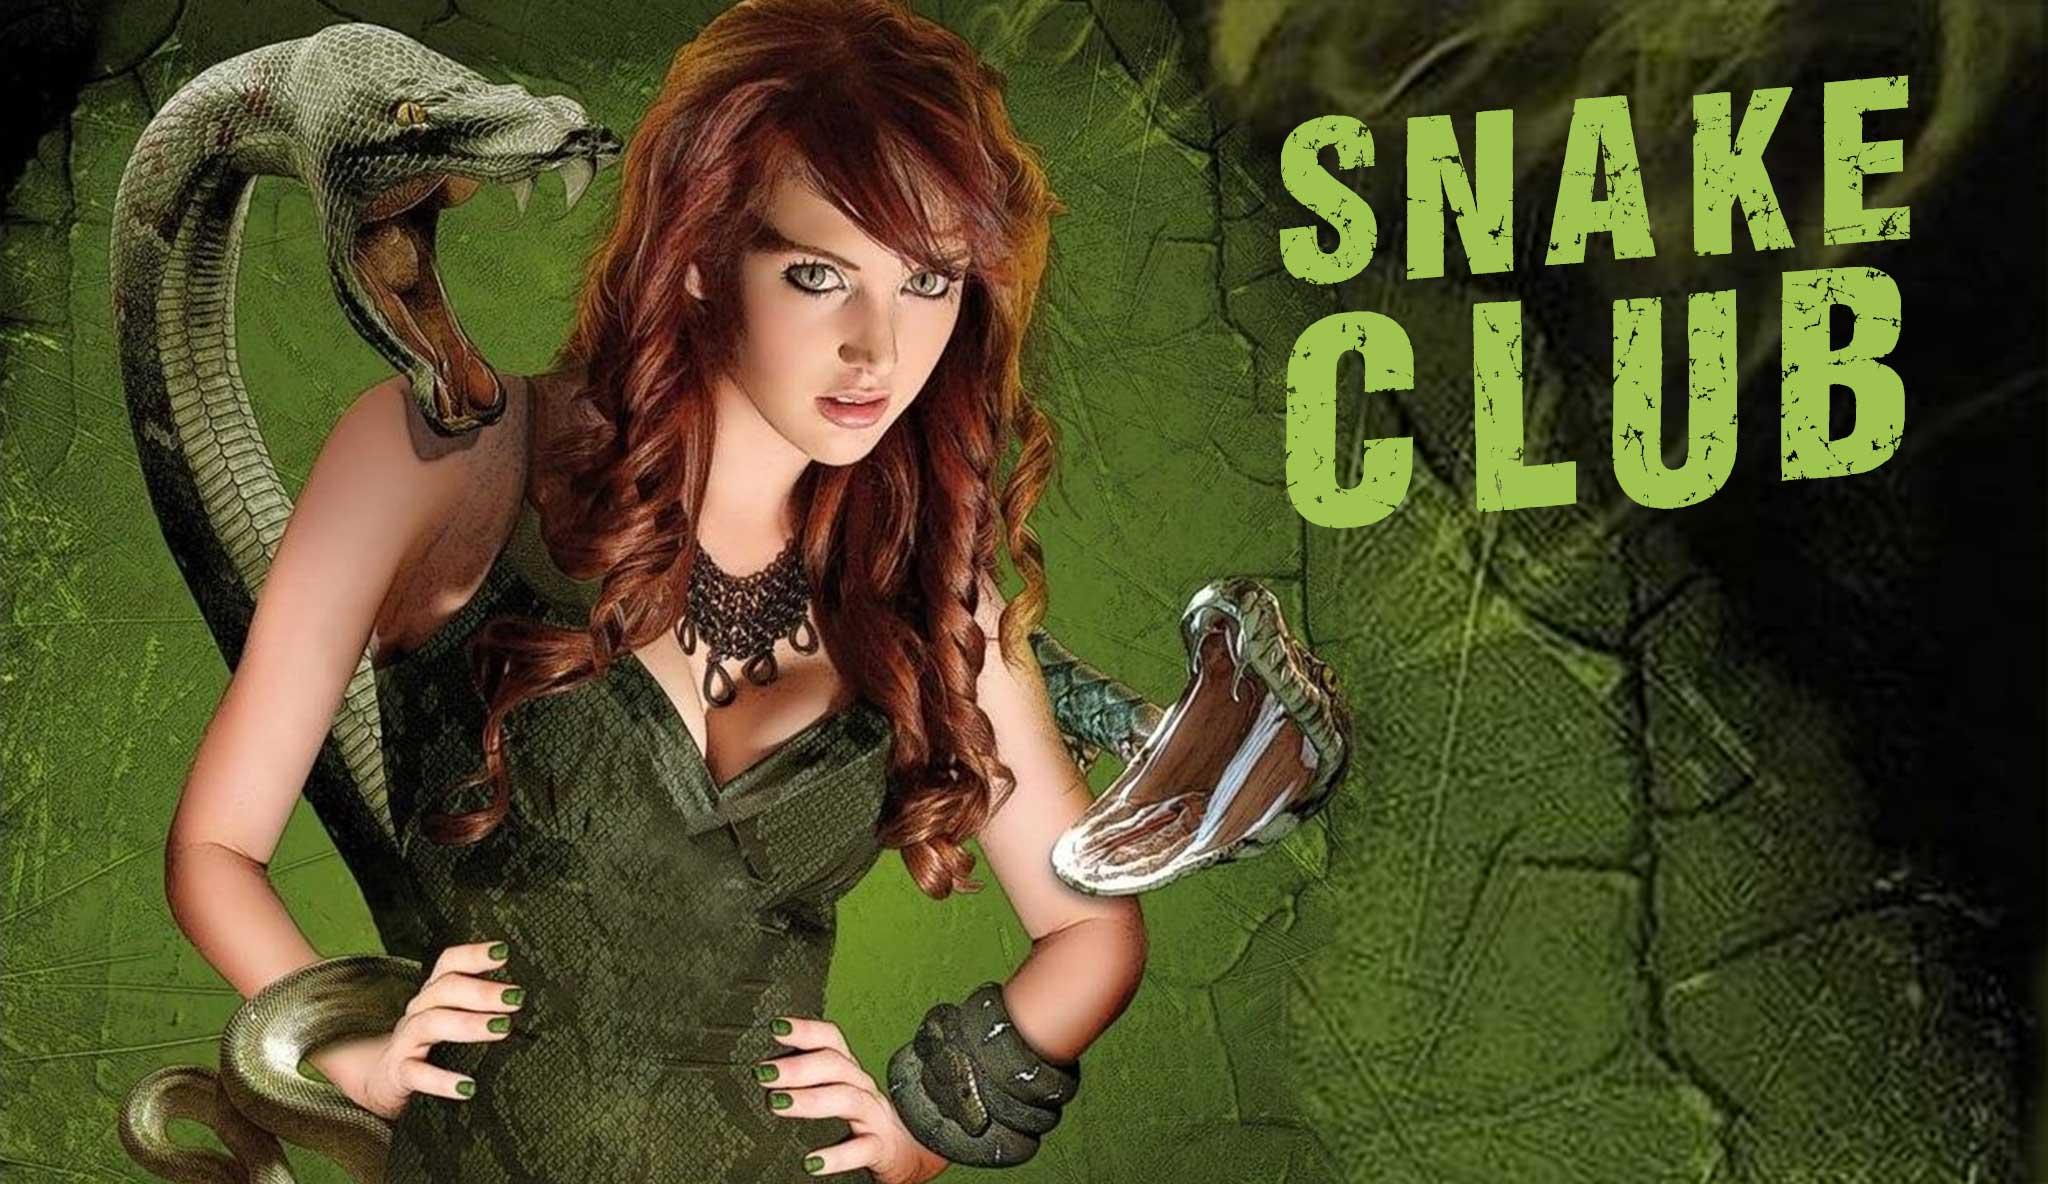 snake-club-revenge-of-the-snake-woman\header.jpg